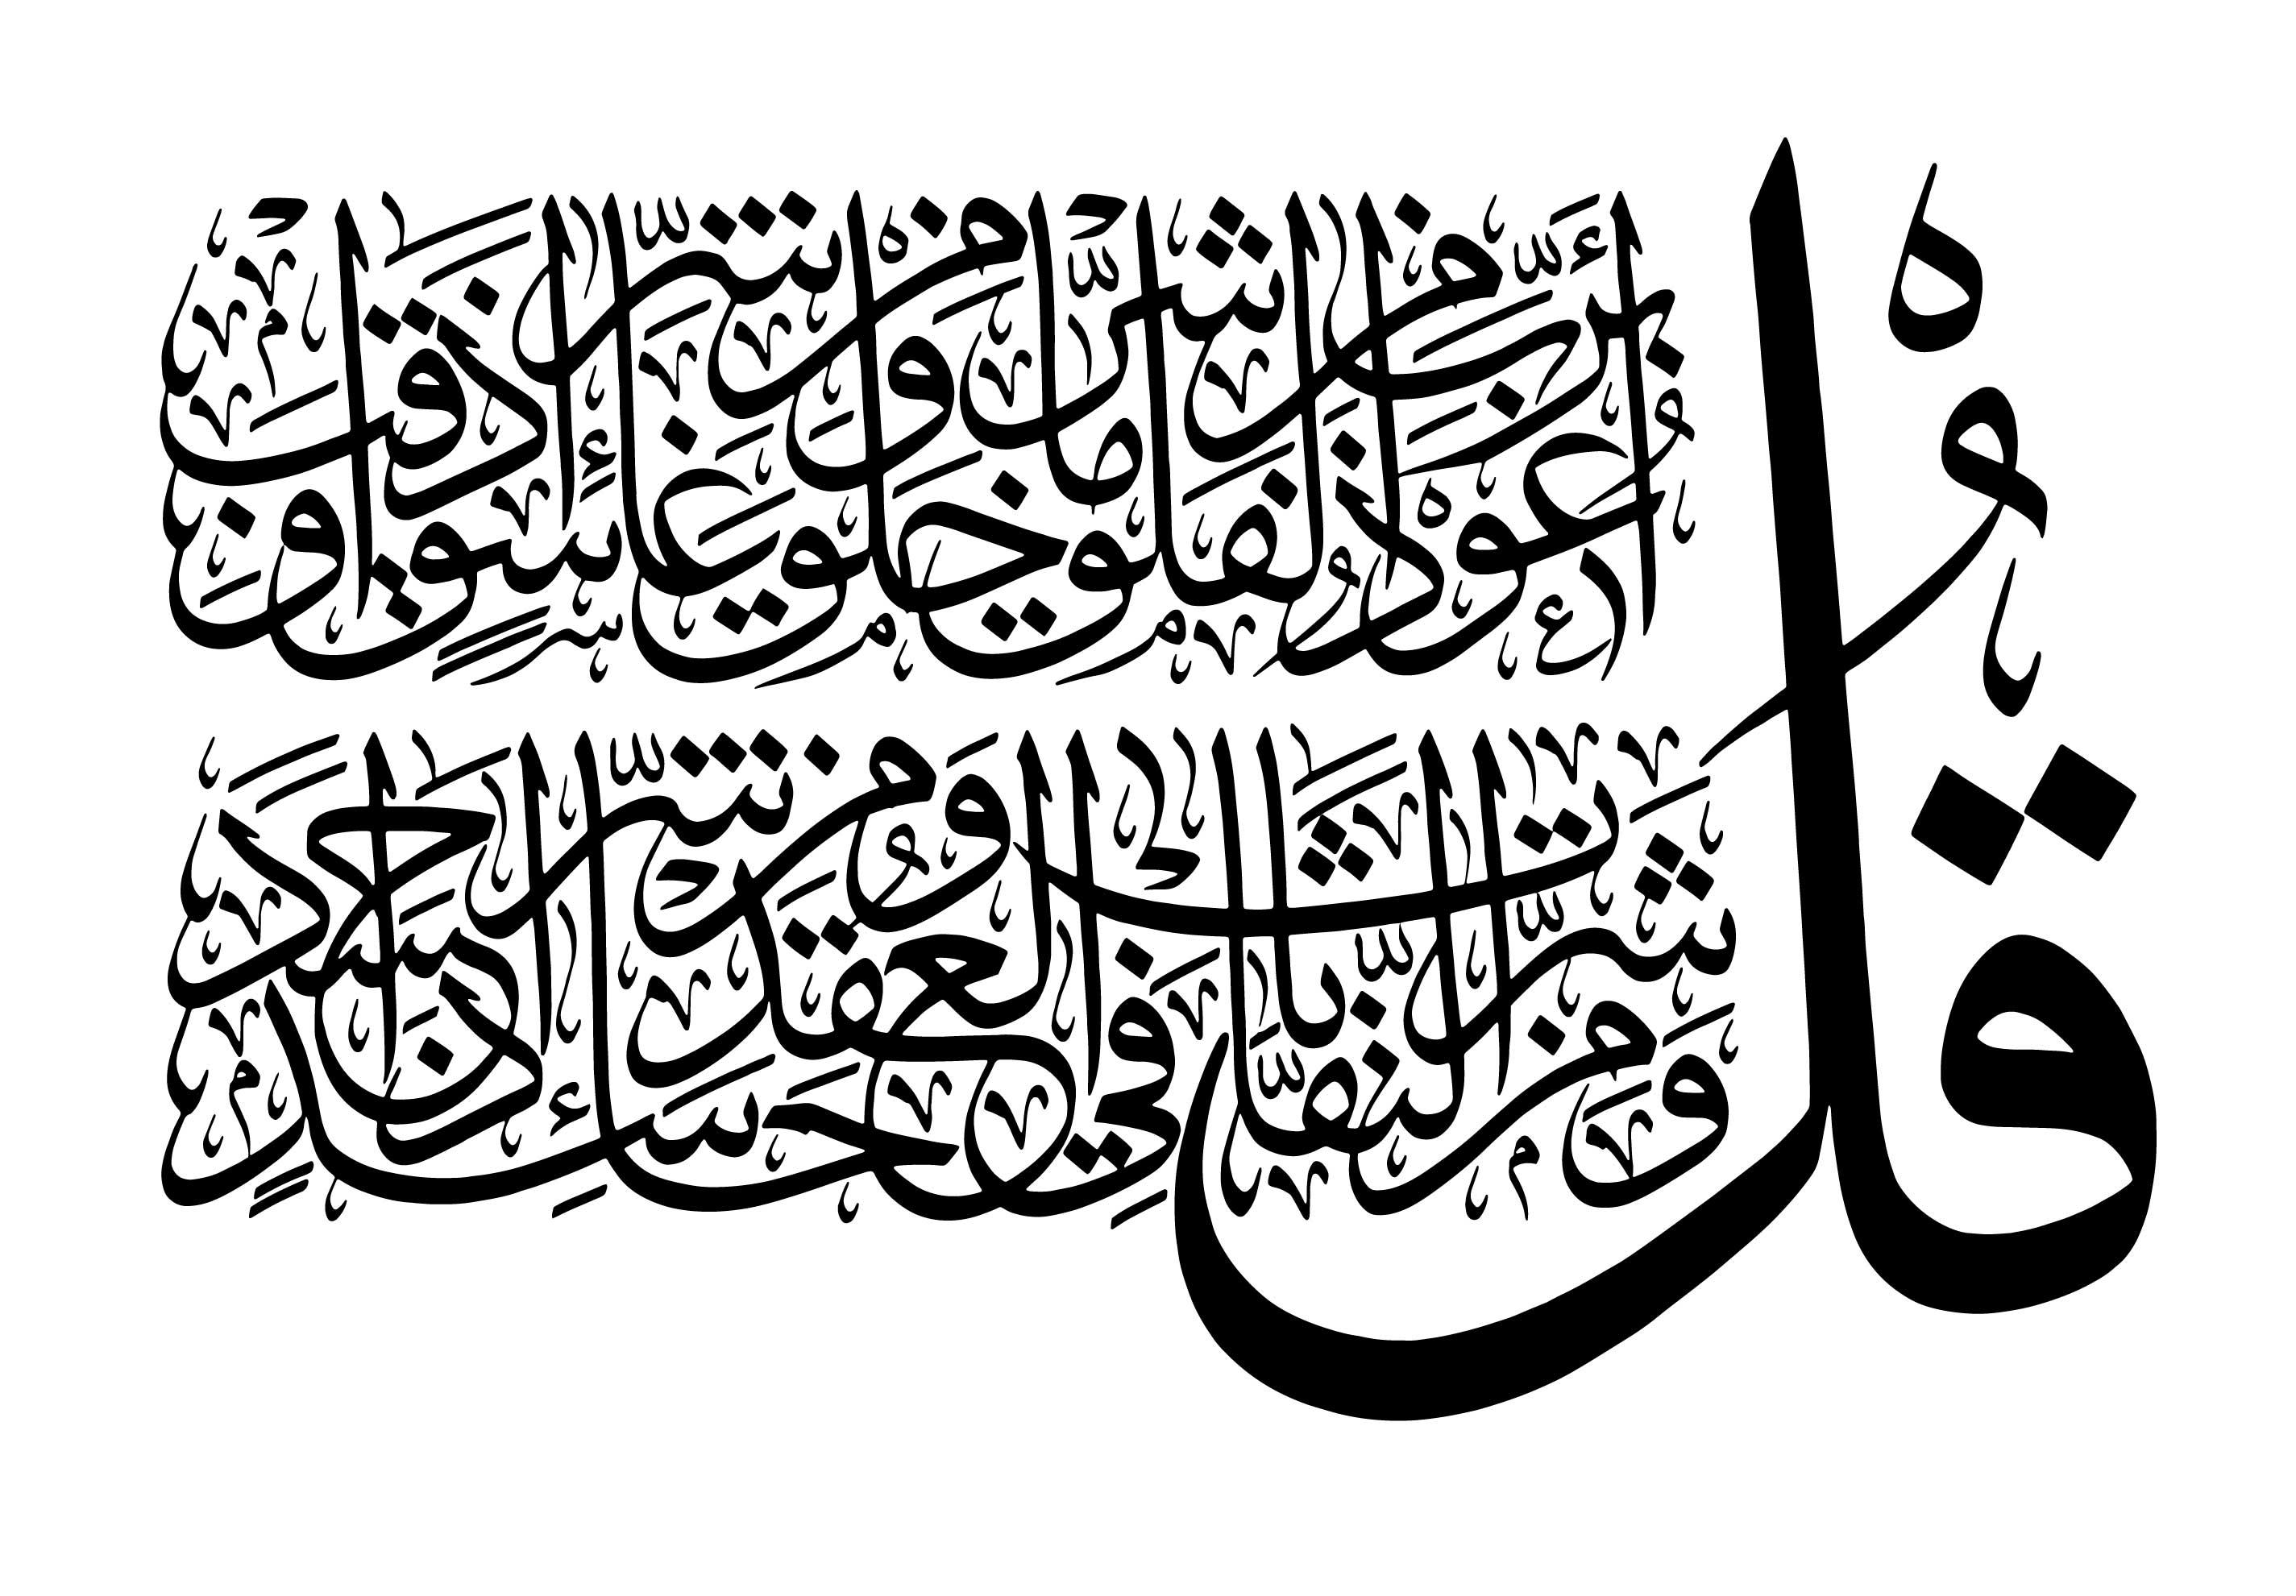 تحميل الخط العربي